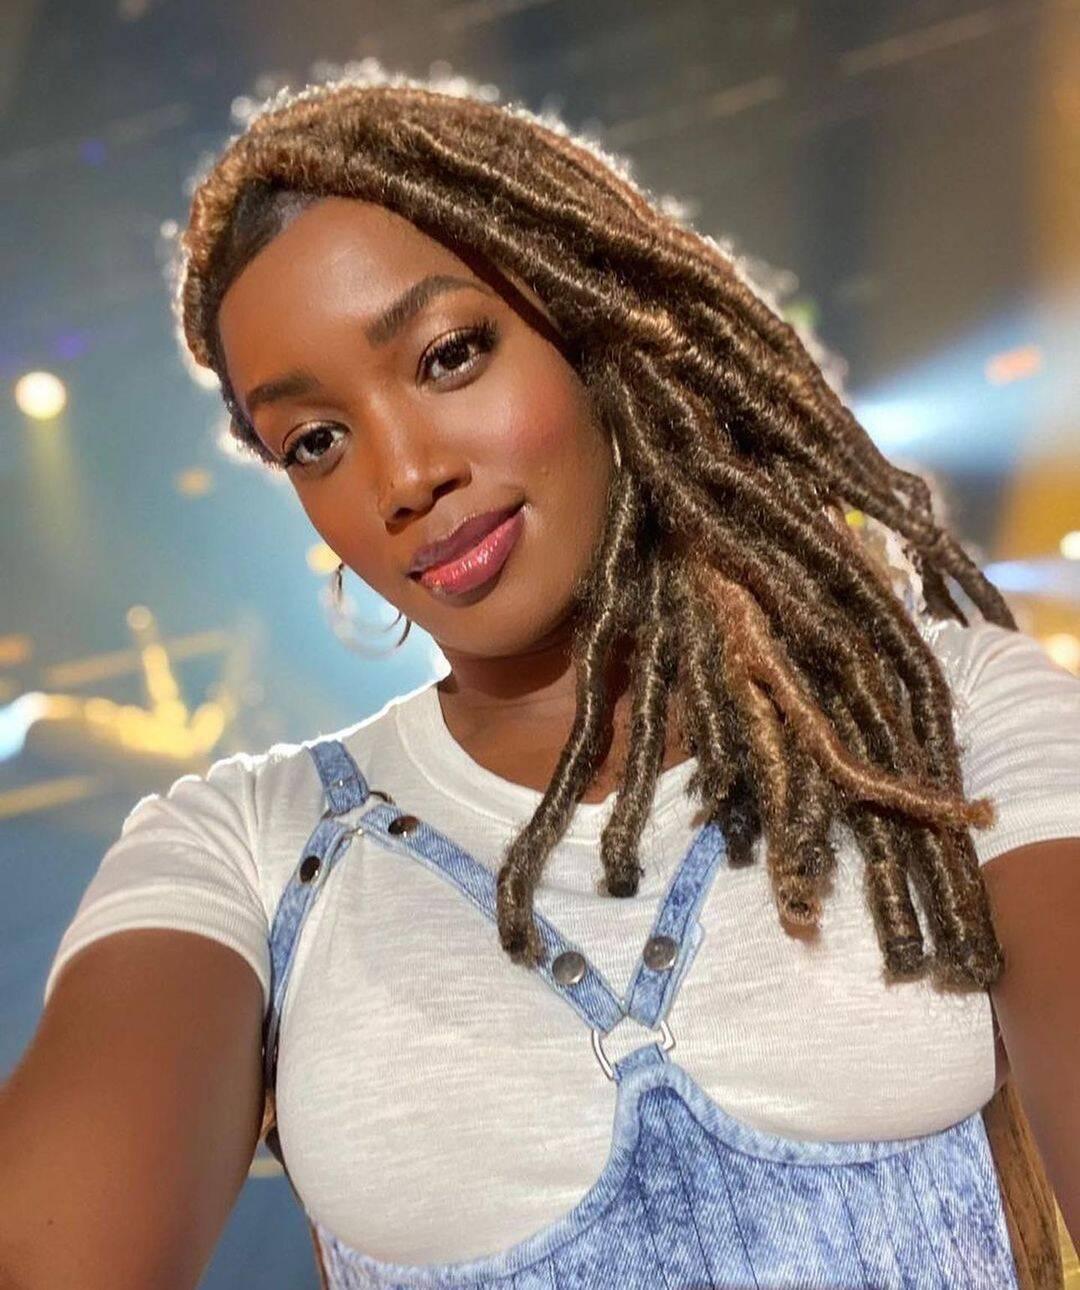 A cantora deu a notícia de seu retorno em suas redes sociais postando um clique com um look bem ousado. (Foto: Instagram)